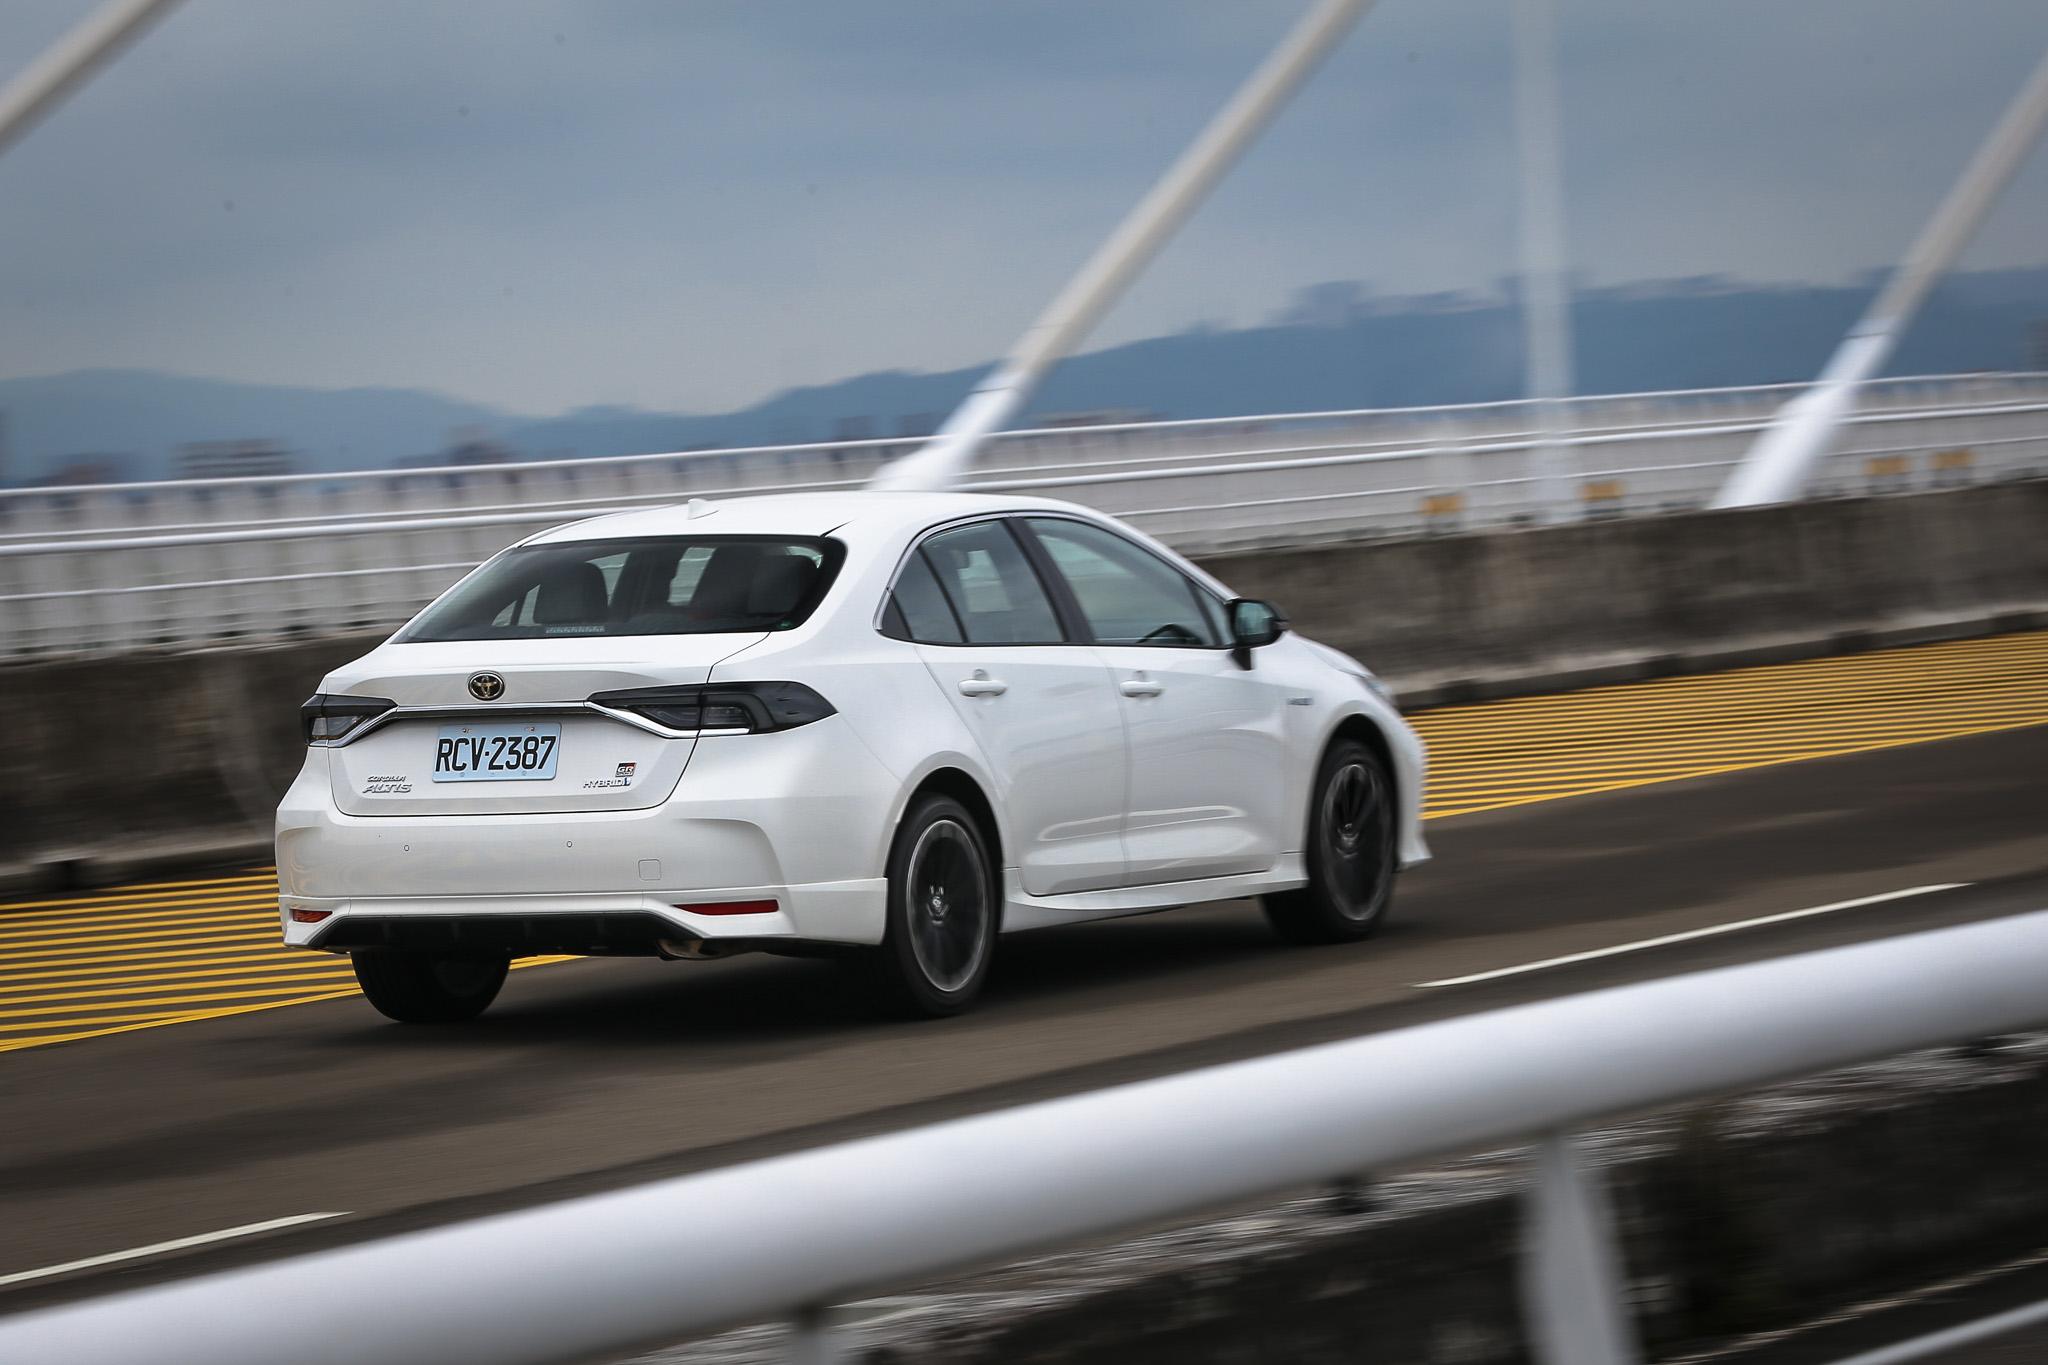 前後防傾桿強化的比例不同,帶來了更棒的前後軸協調性,再加上油電車款的鎳氫電池,讓整體的穩定度與配重更好。